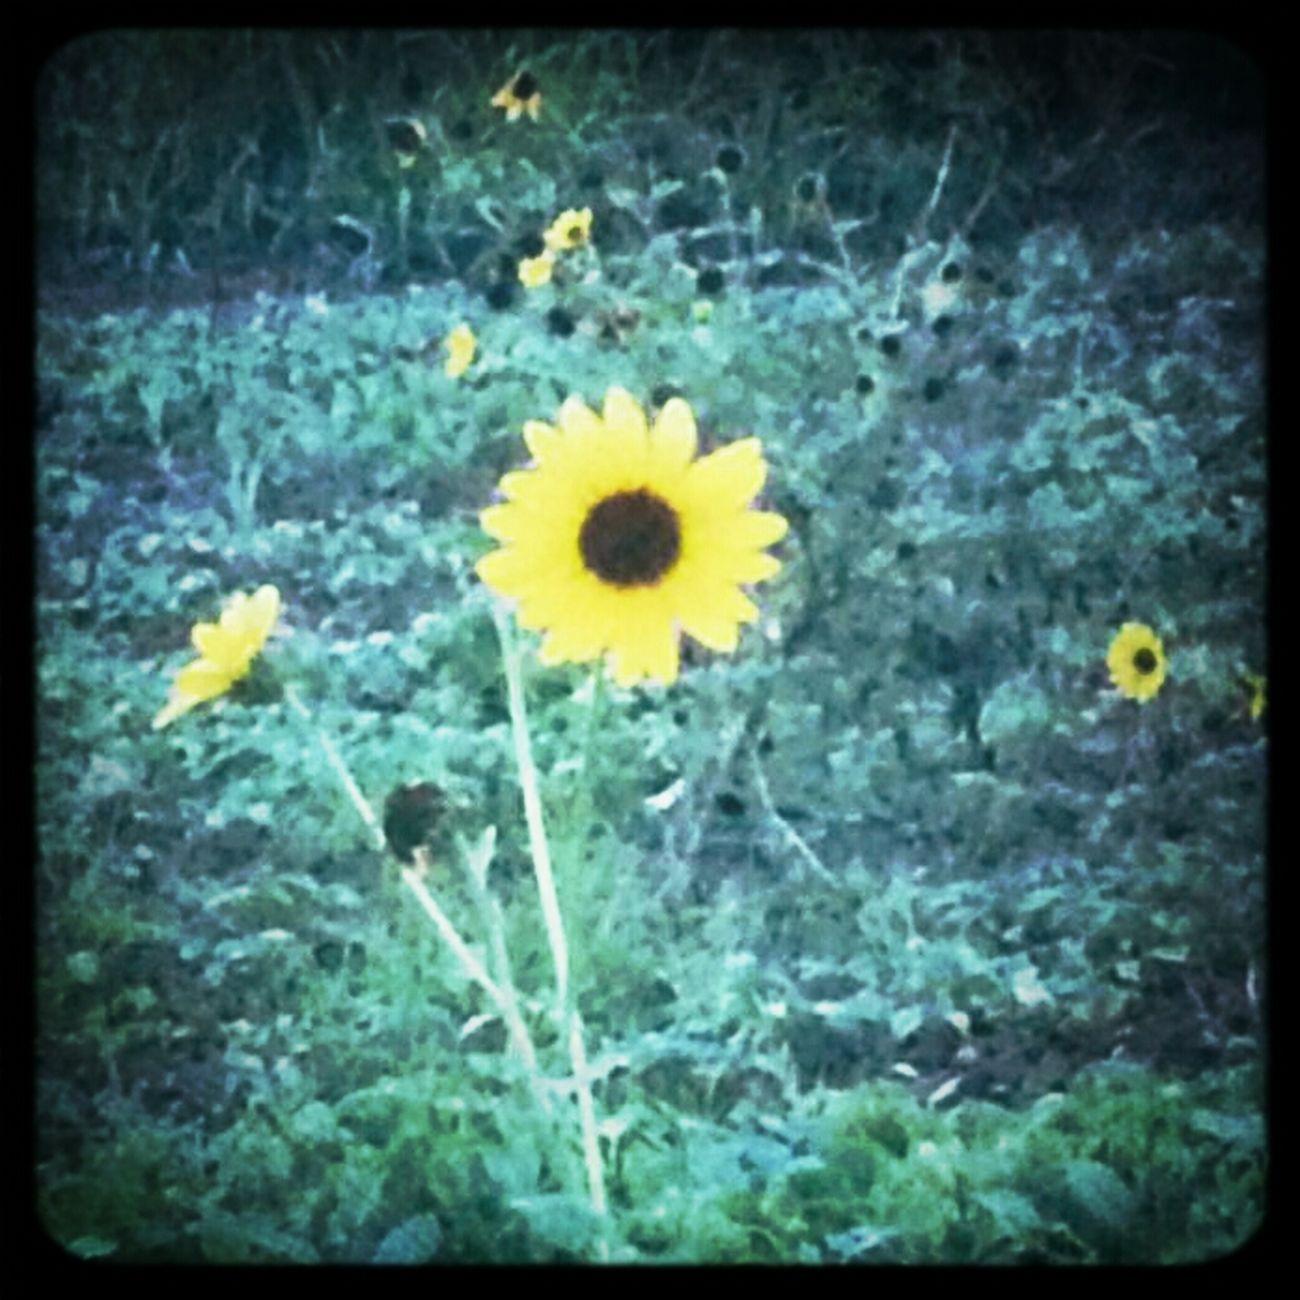 found a sunflower